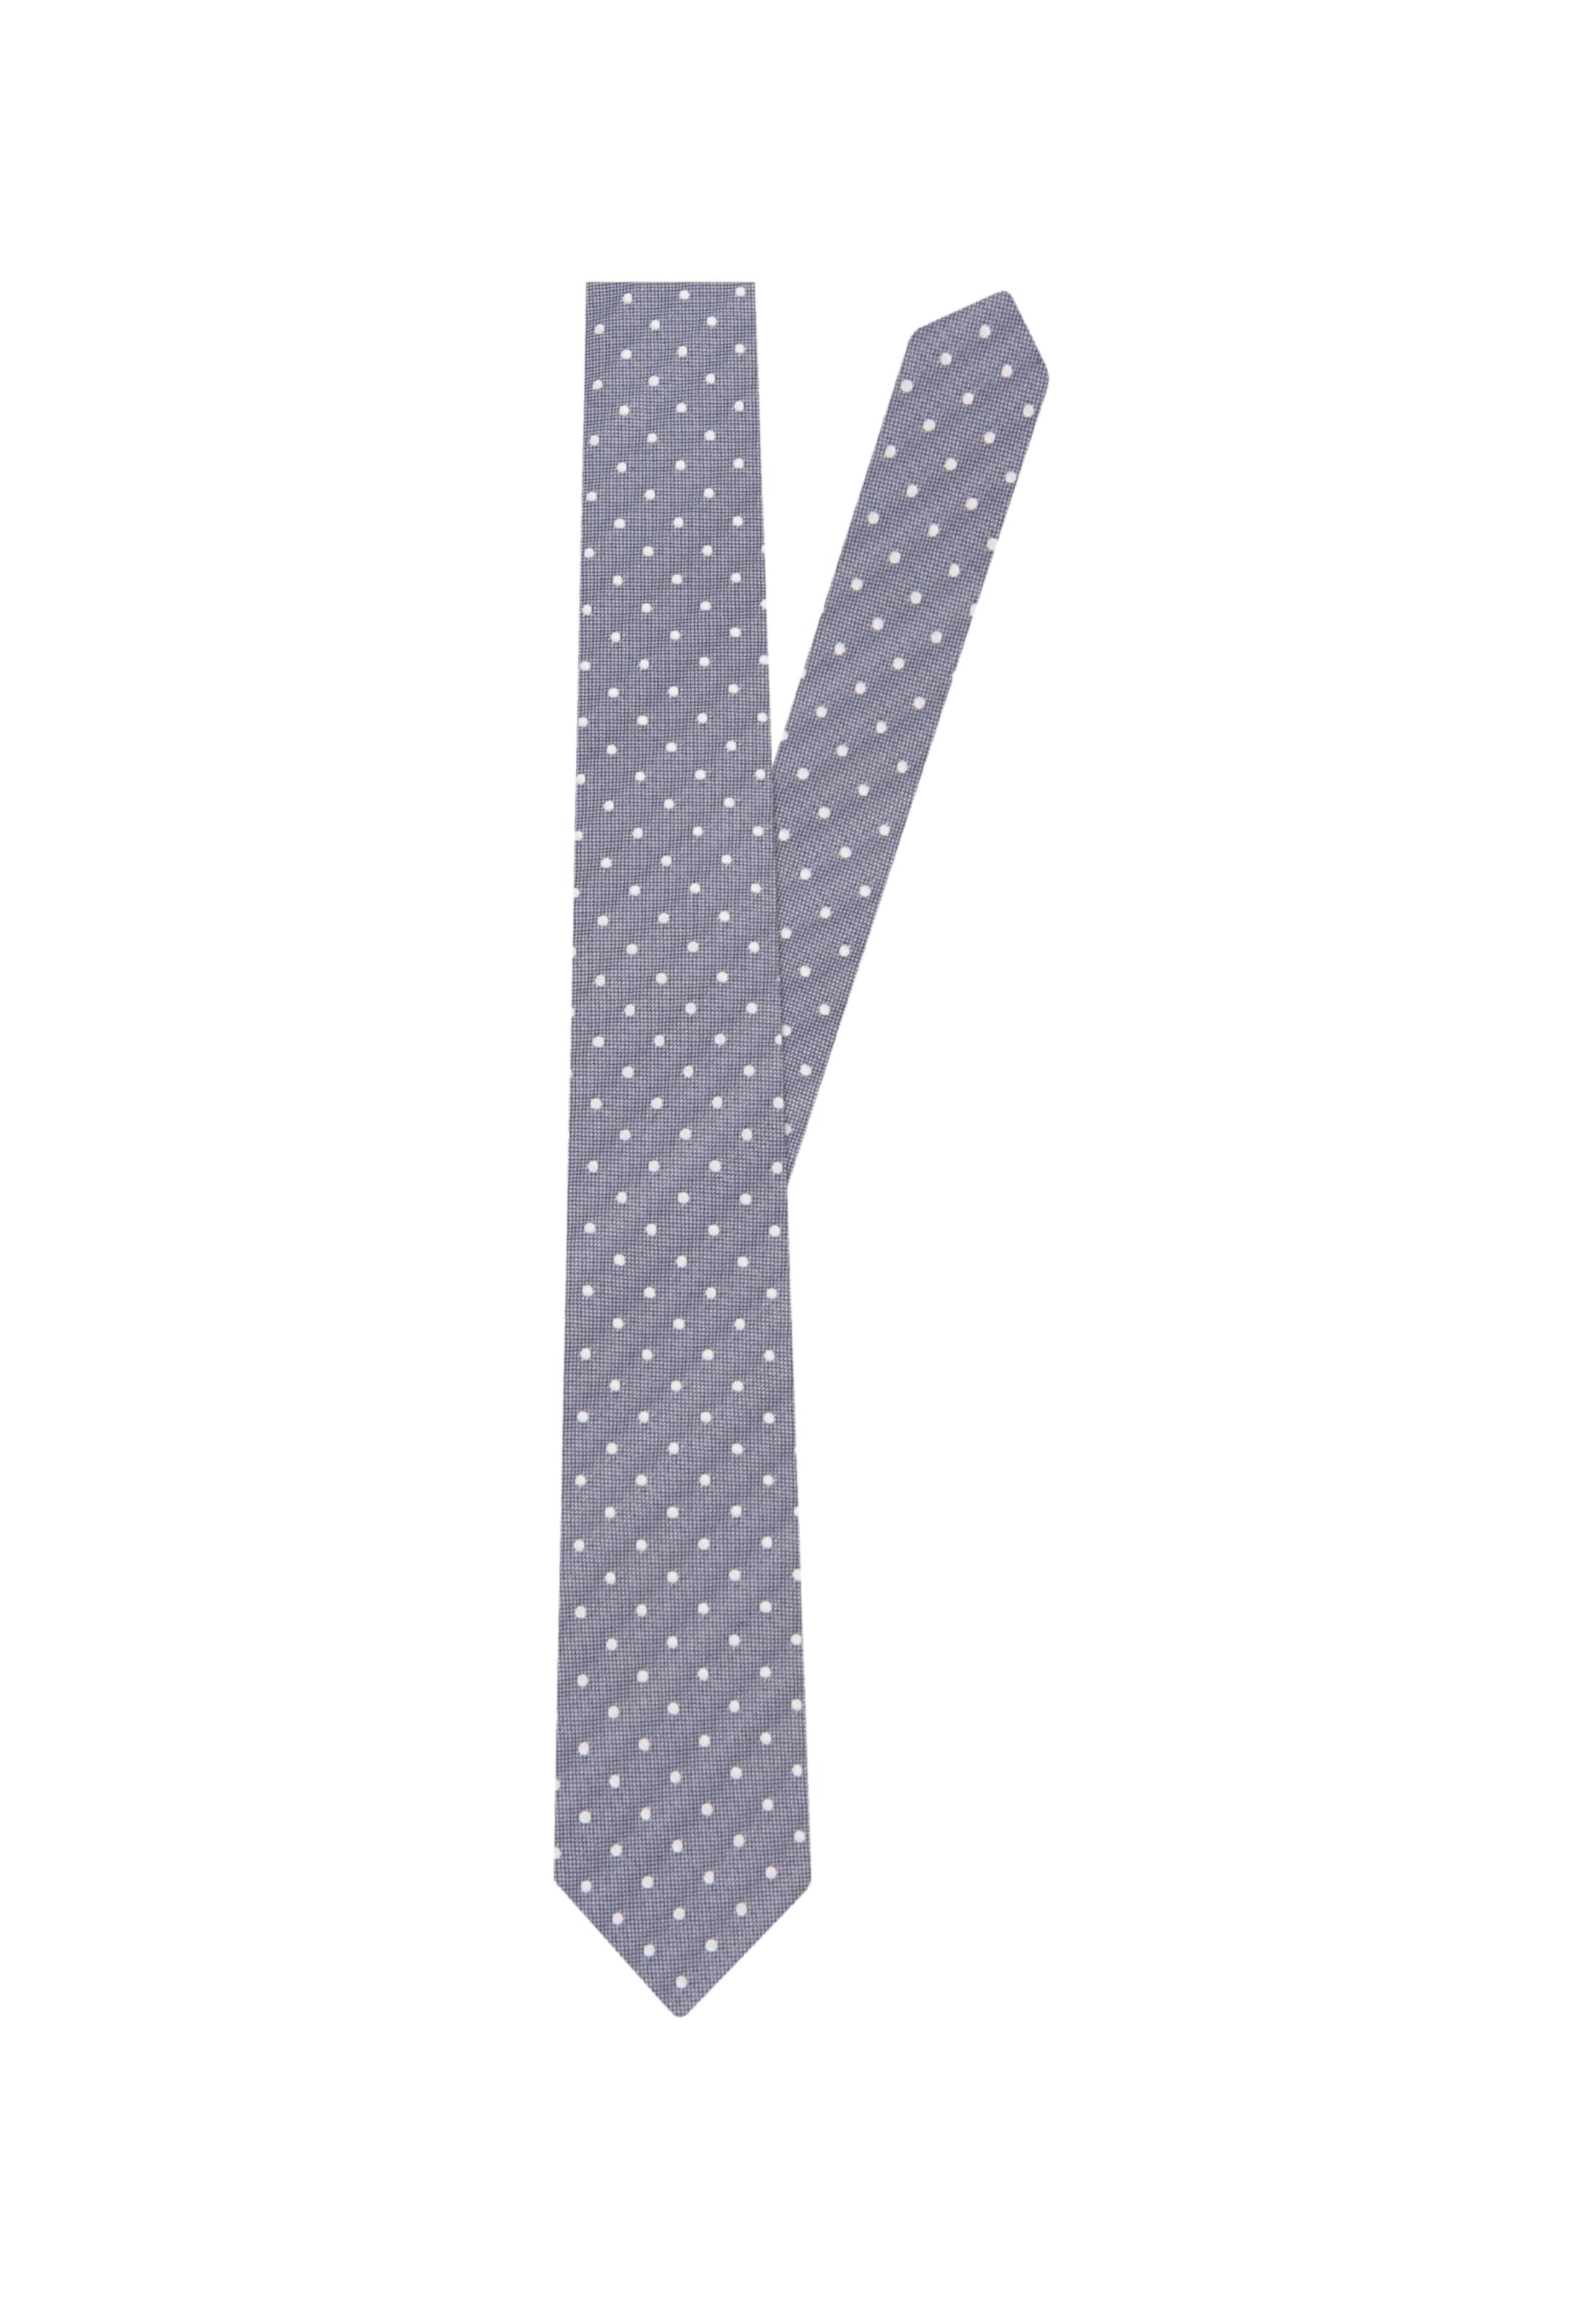 DunkelblauWeiß Britt In DunkelblauWeiß Jacques Krawatte Krawatte Jacques In Britt Jacques Britt zMUVSp